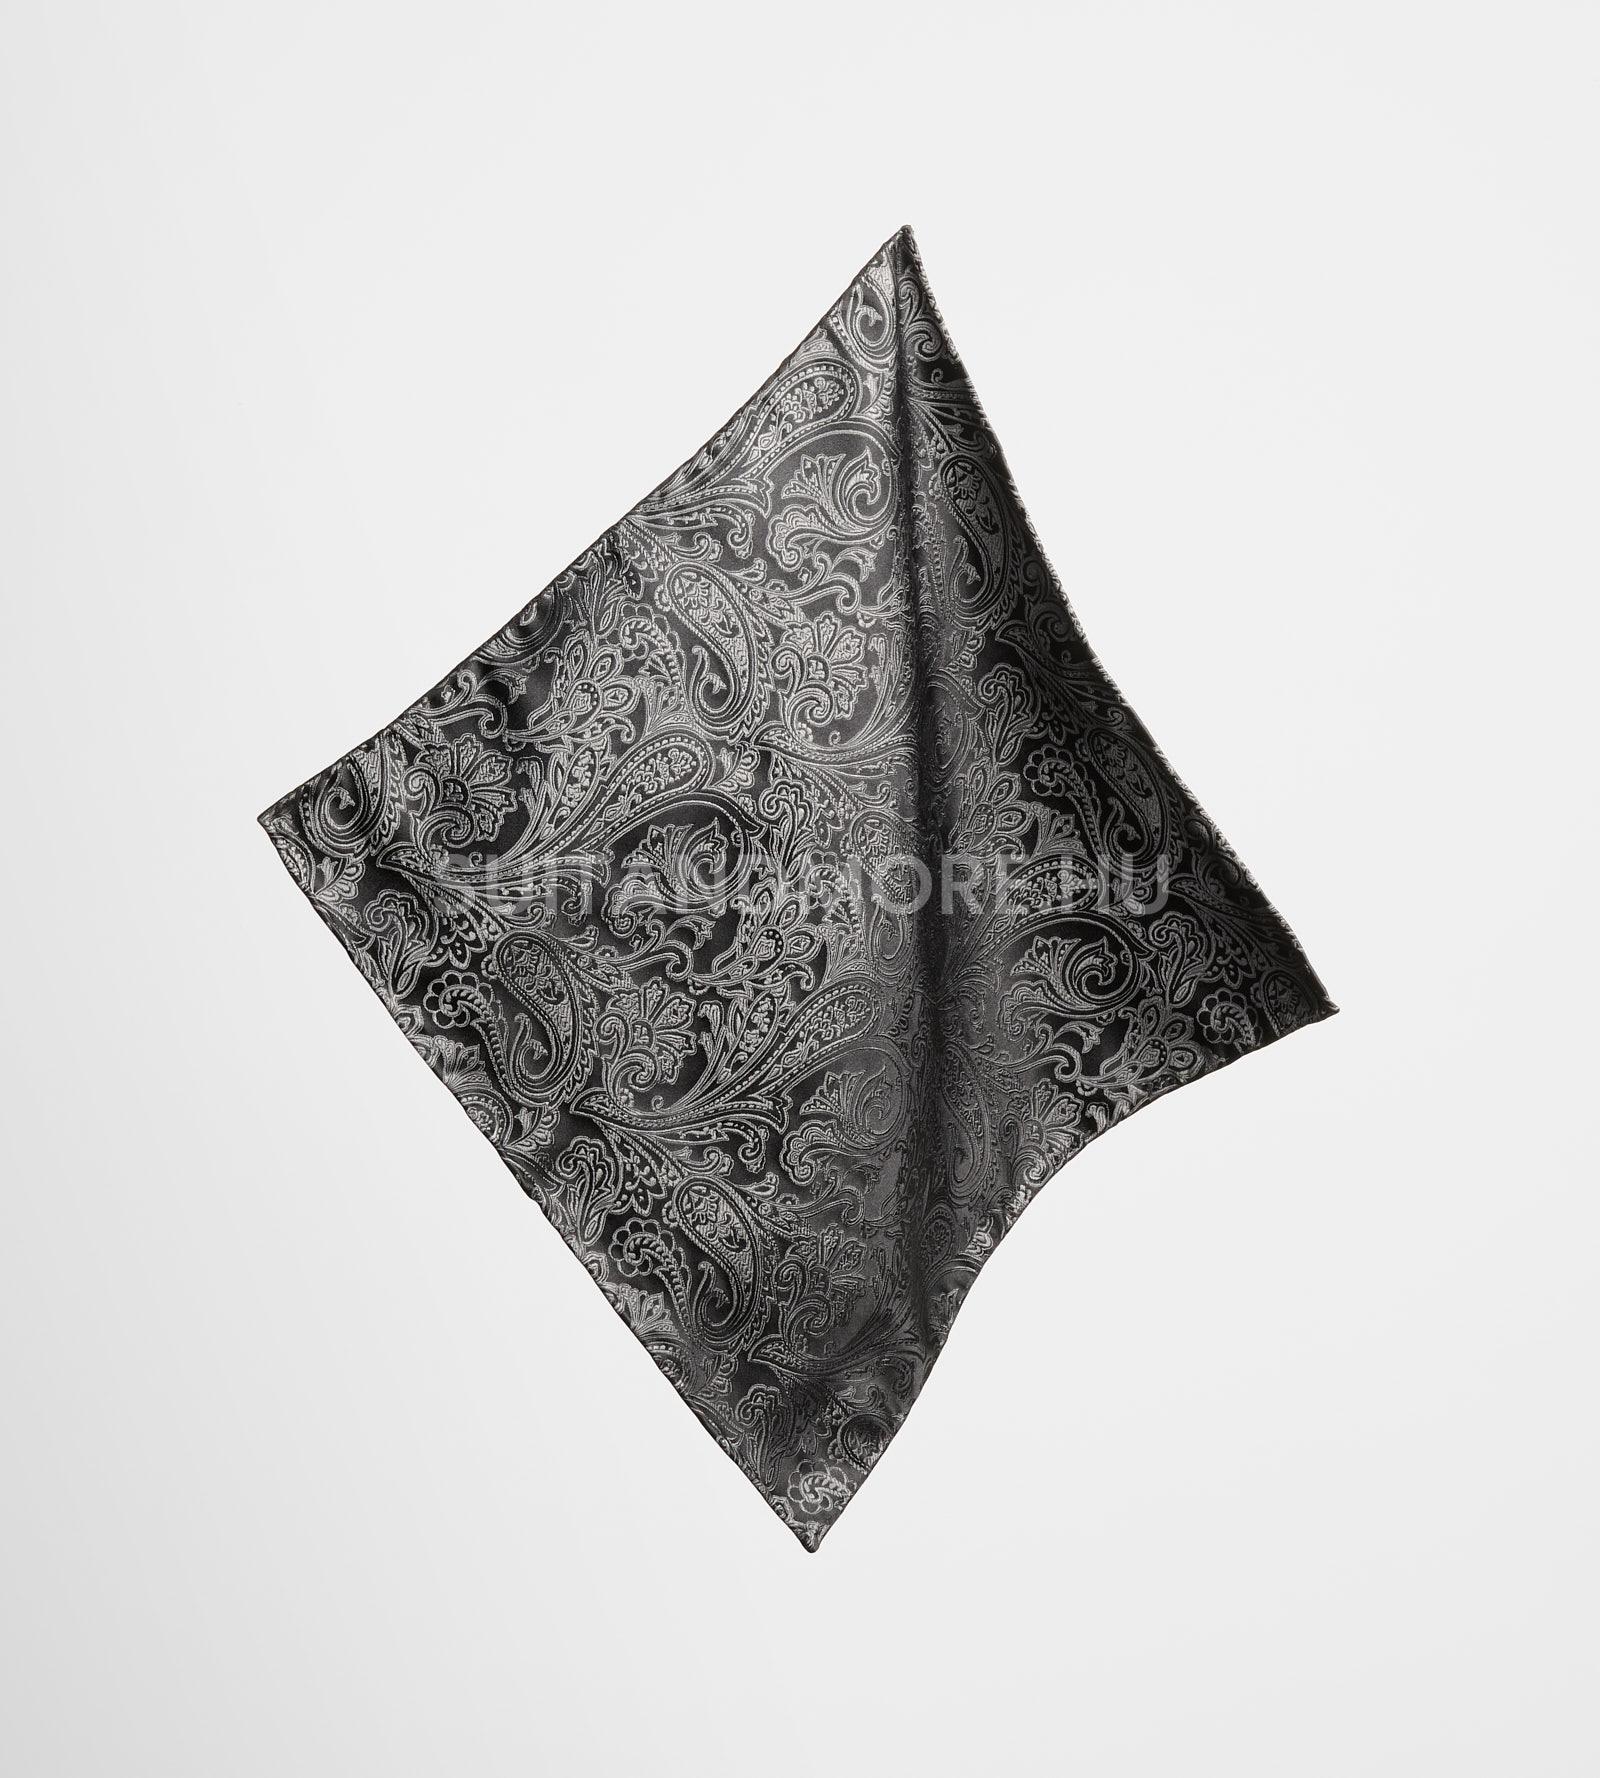 olymp-fekete-paisley-mintas-selyem-diszzsebkendo-1760-31-68-01